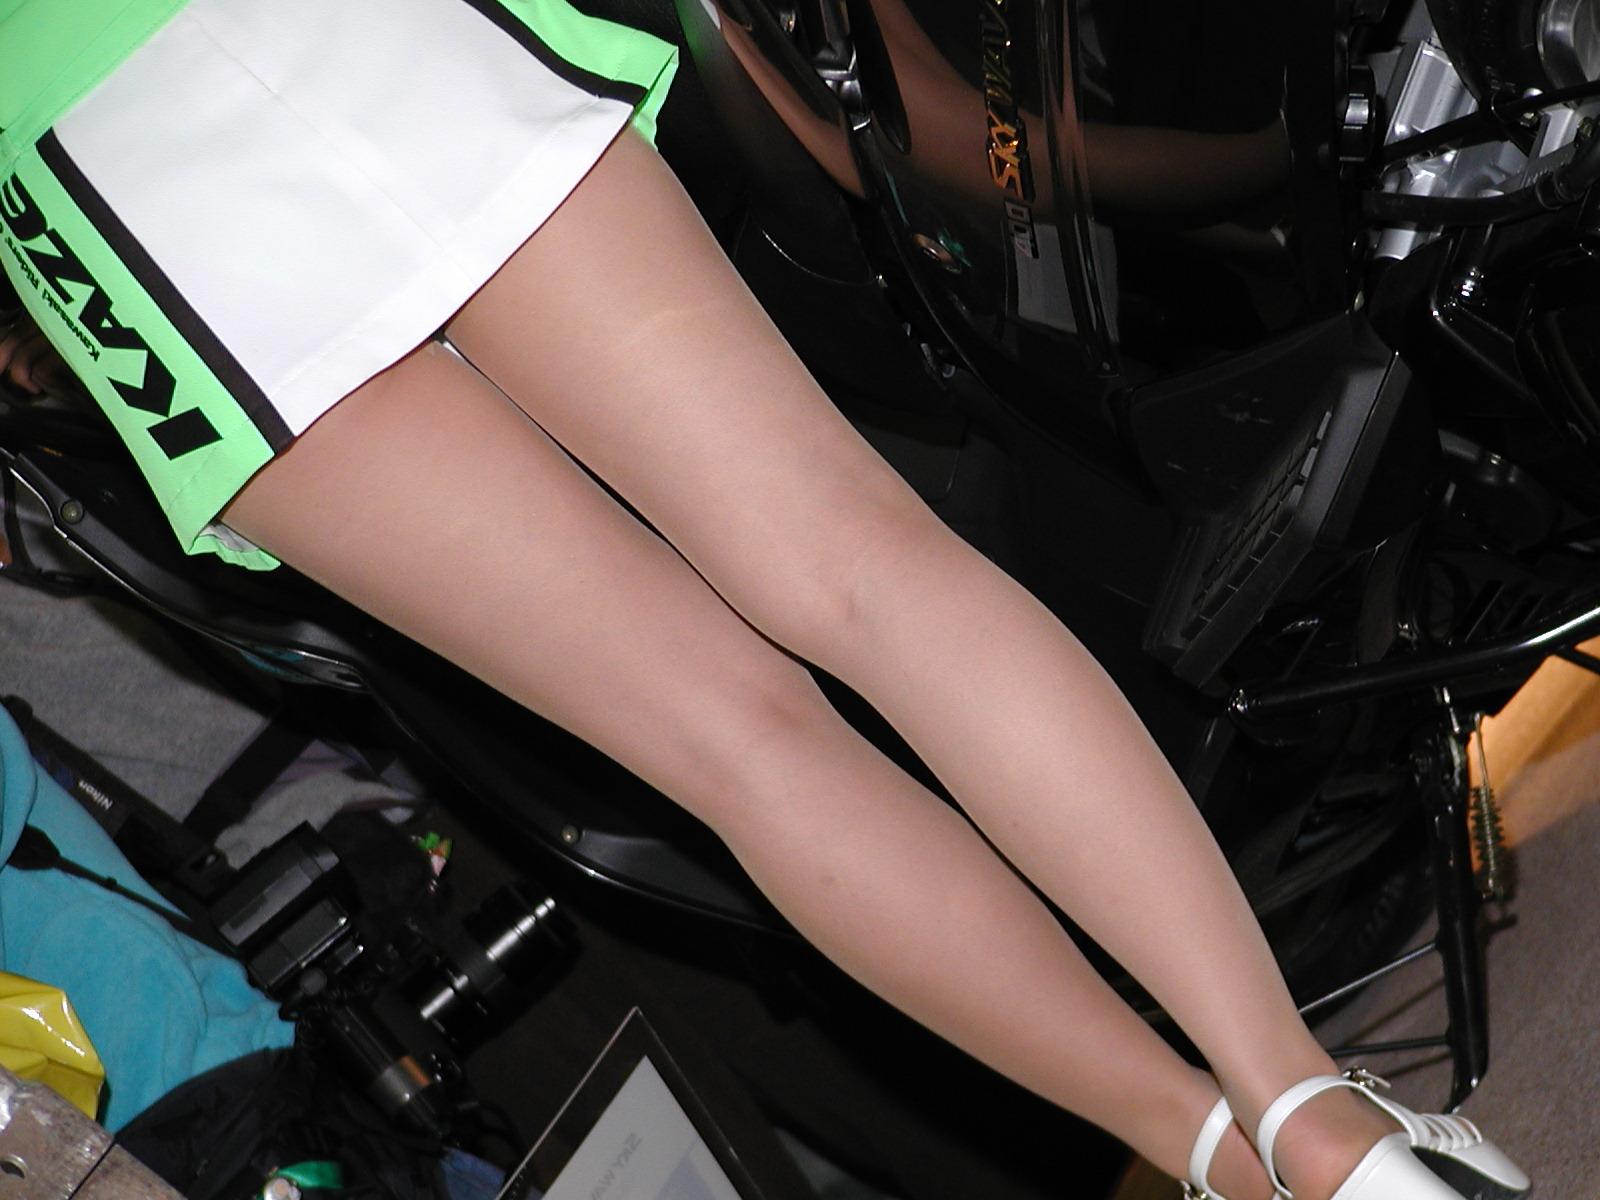 【キャンギャルエロ画像】綺麗で当然!だが希少なイベント美女たちの極上美脚(;´Д`)